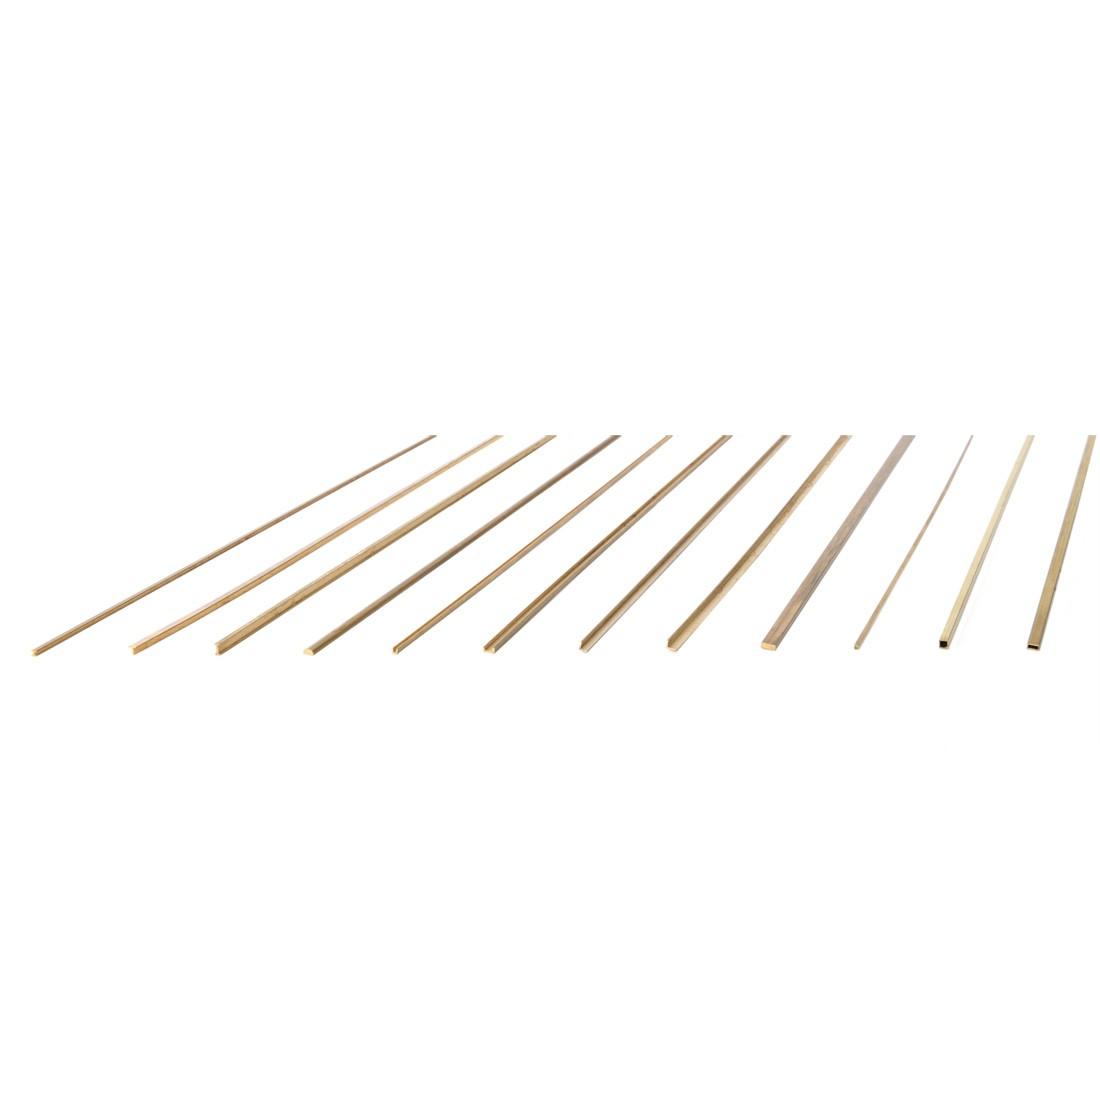 Microprofilati Ottone mm. 1x1x500 sez. T